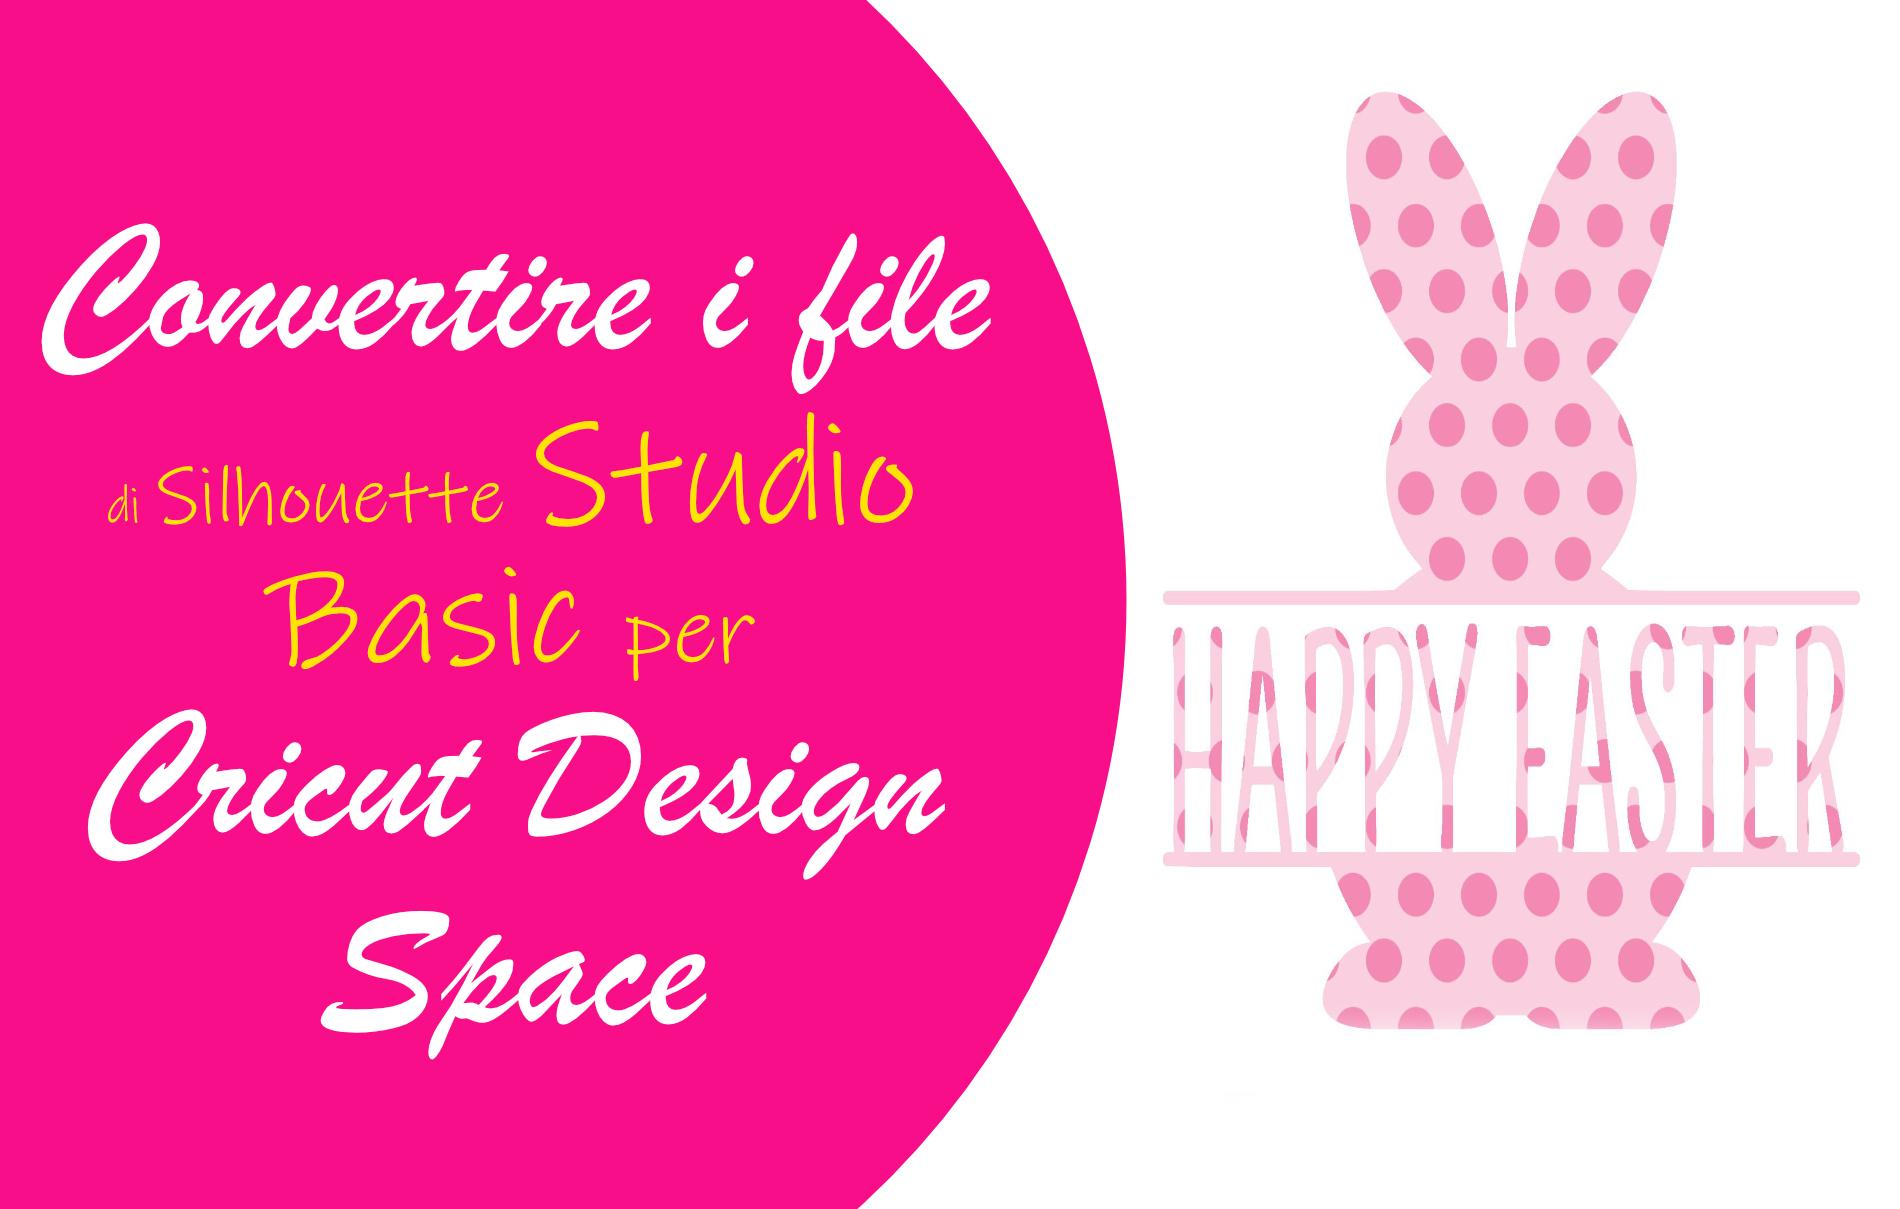 Convertire file Silhouette Studio Basic Cricut Design Space